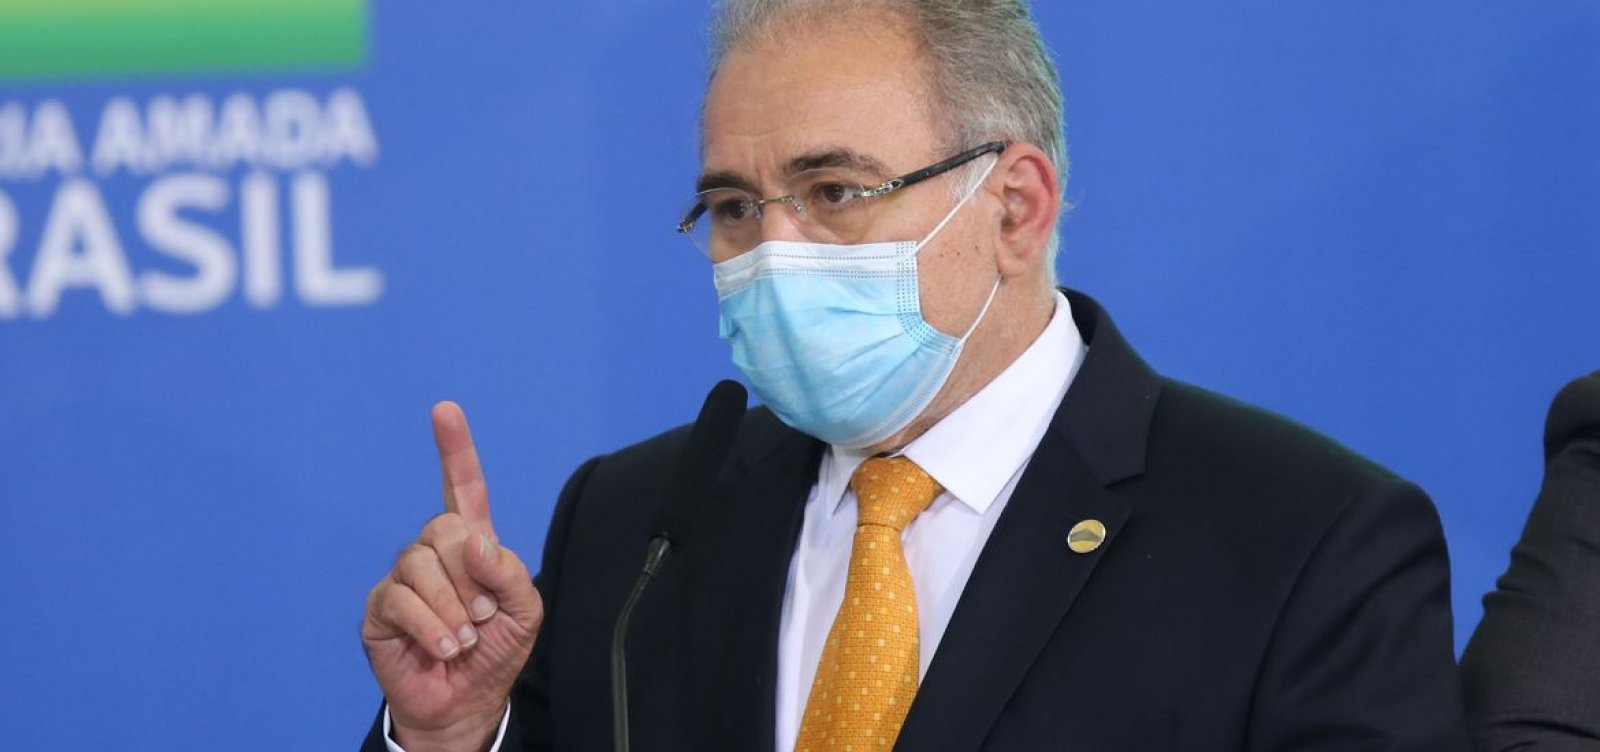 Ministro da Saúde anuncia compra de mais 100 milhões de vacinas da Pfizer